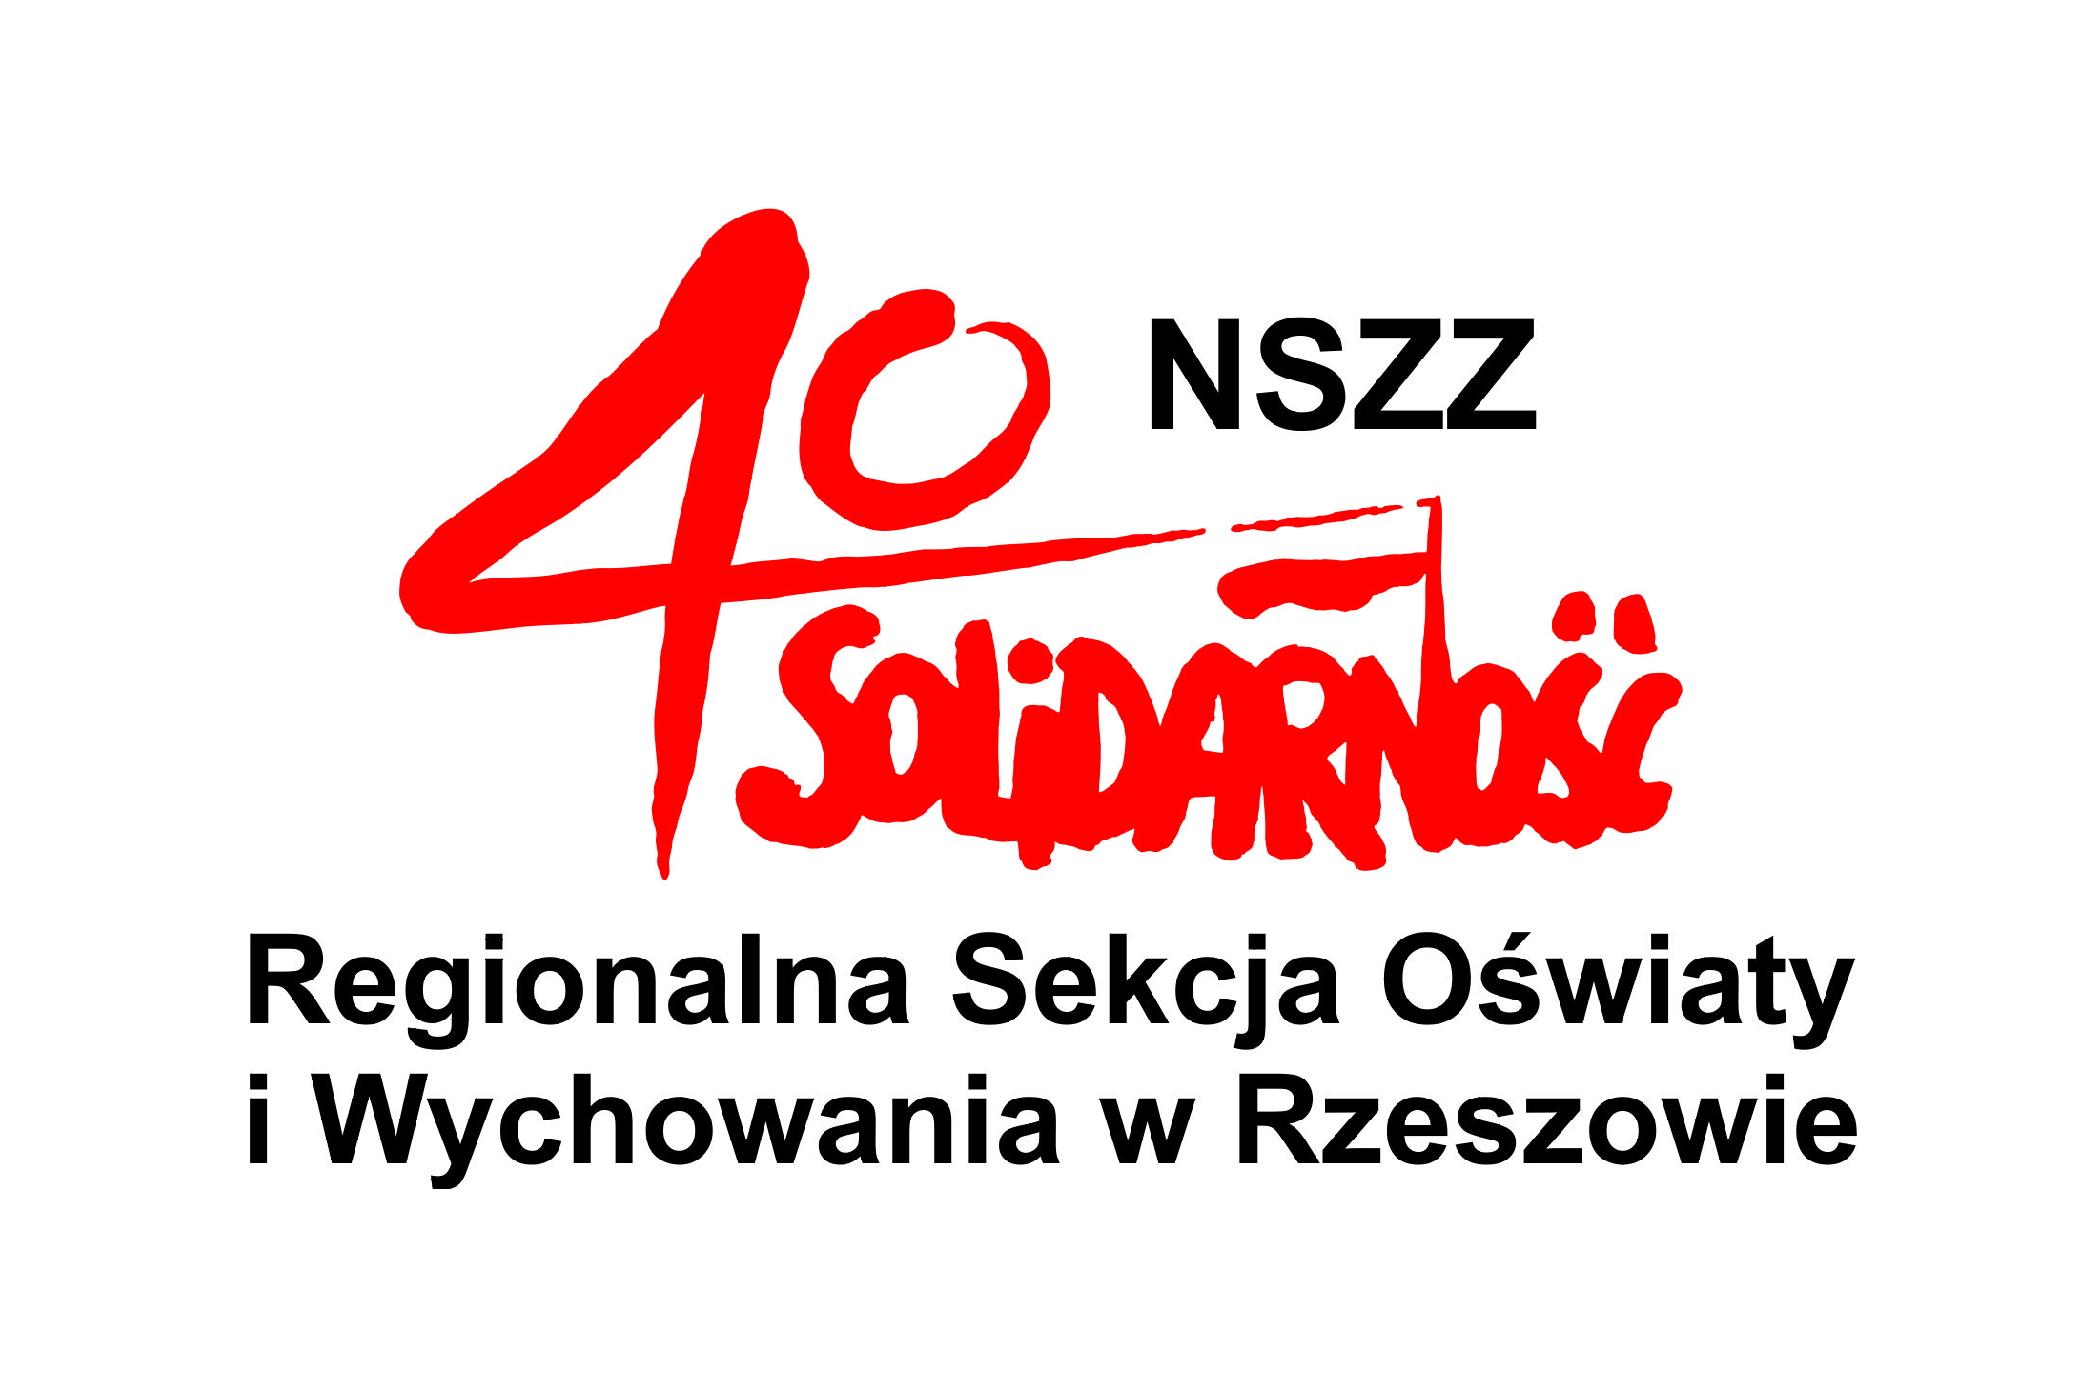 2020-0-01-40-lat-logo